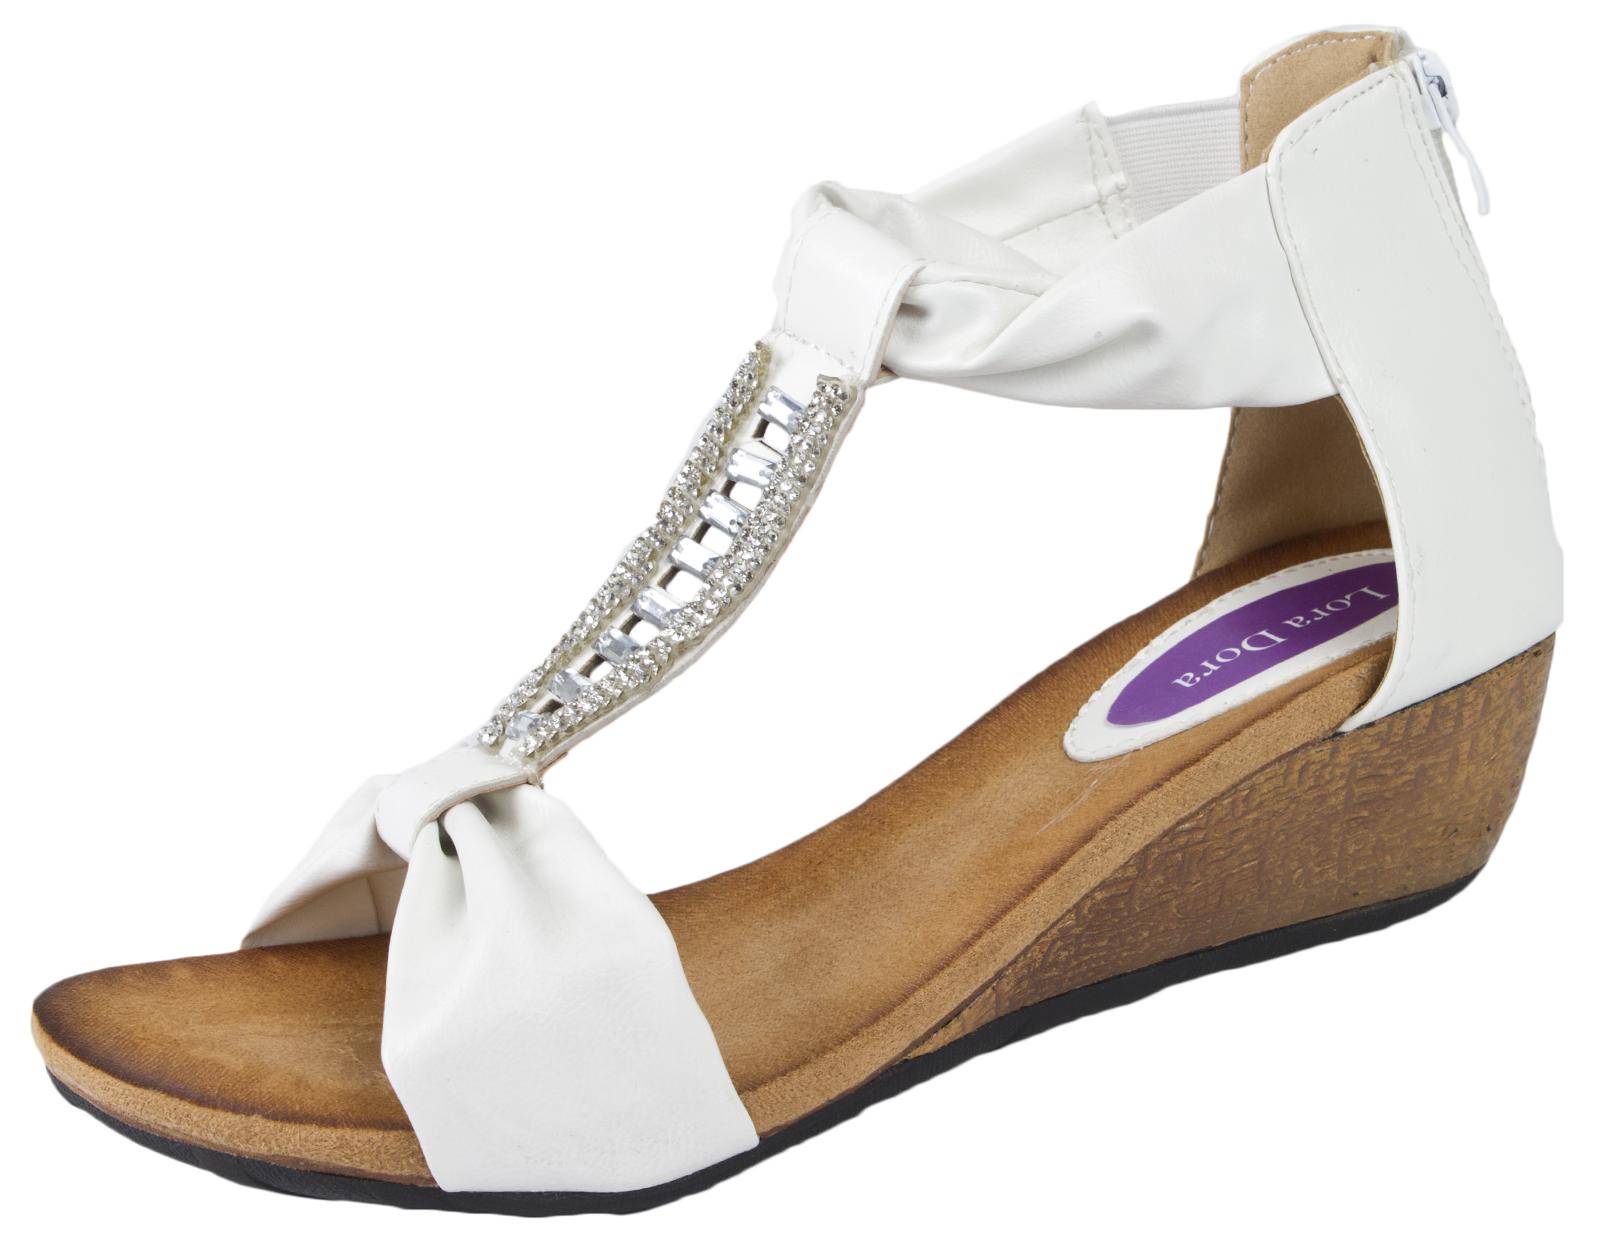 94ae940fd Womens T Bar Summer Sandals Low Wedges HEELS Ladies Wedge .